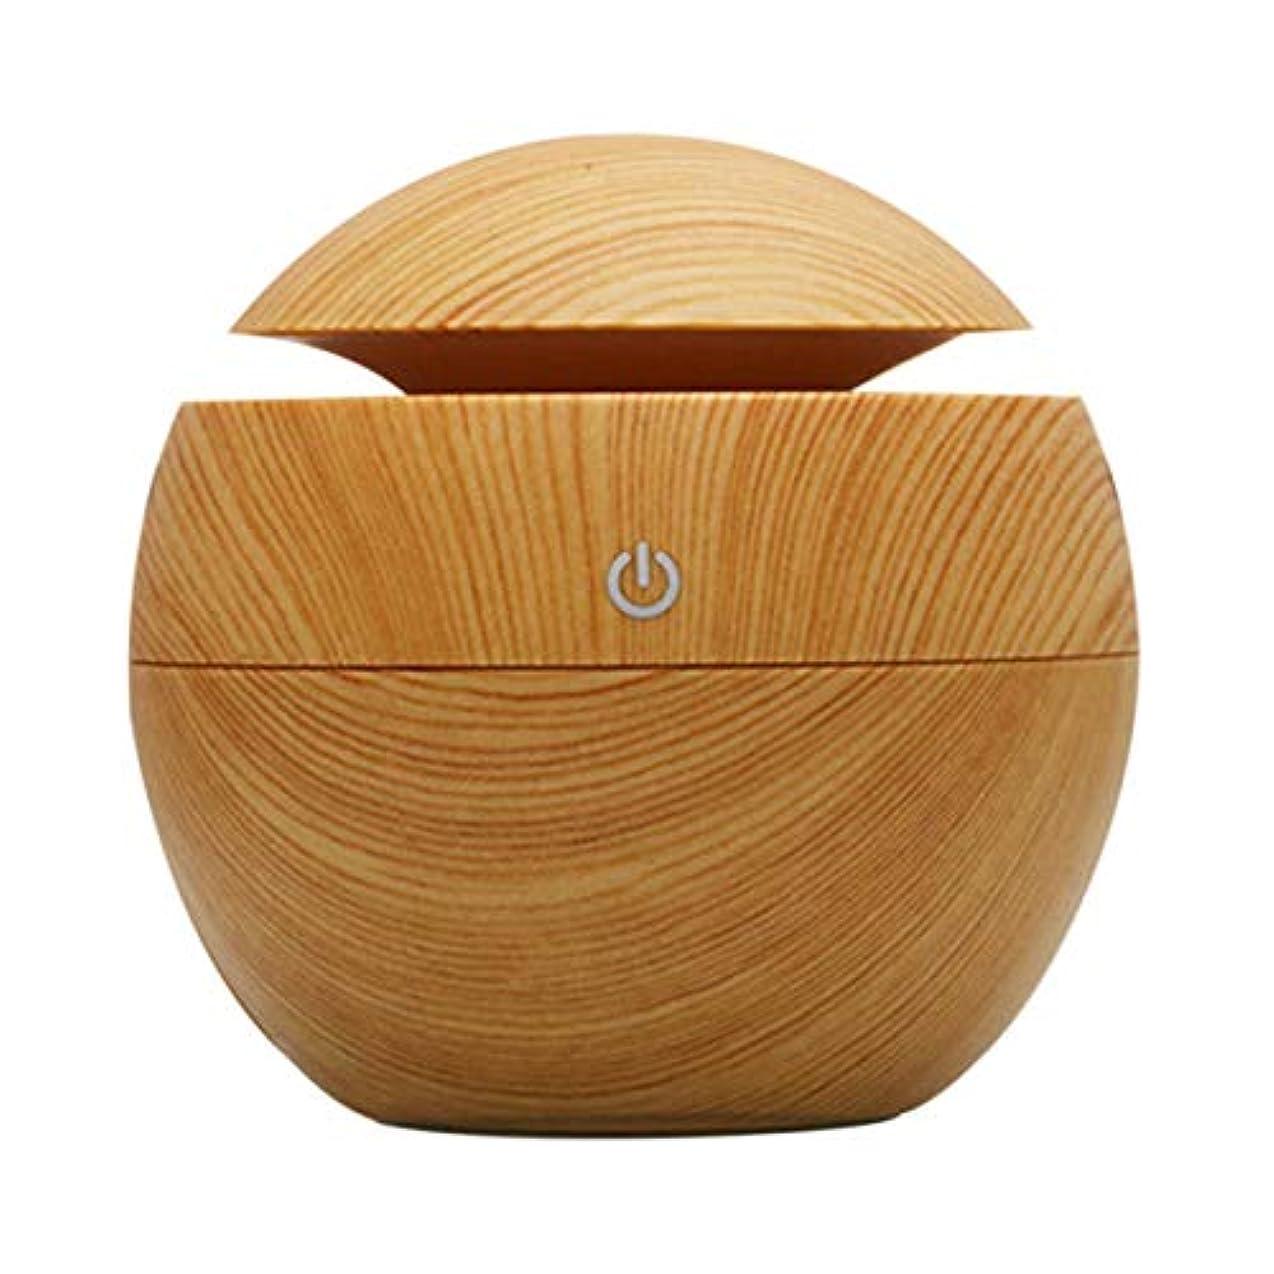 ケニアシャーク全体Saikogoods 130mlのポータブルサイズの木製のホームオフィスアロマエッセンシャルオイルディフューザー超音波USB充電式ミスト加湿器 ライトウッドカラー